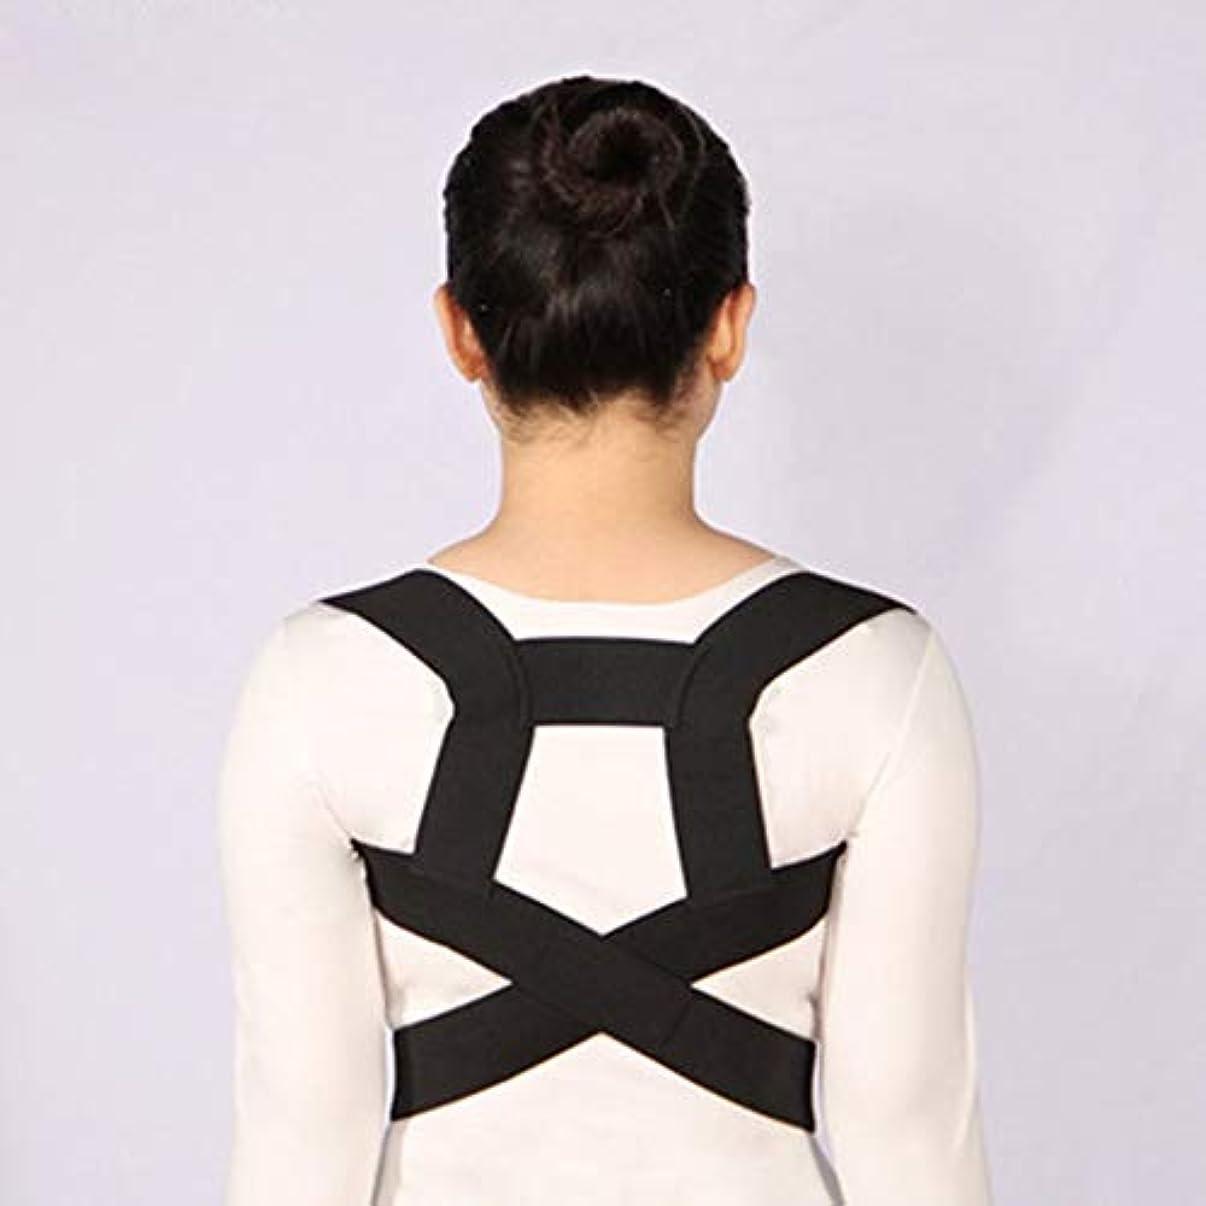 スロープ第二に科学姿勢矯正側弯症ザトウクジラ補正ベルト調節可能な快適さ目に見えないベルト男性女性大人シンプル - 黒